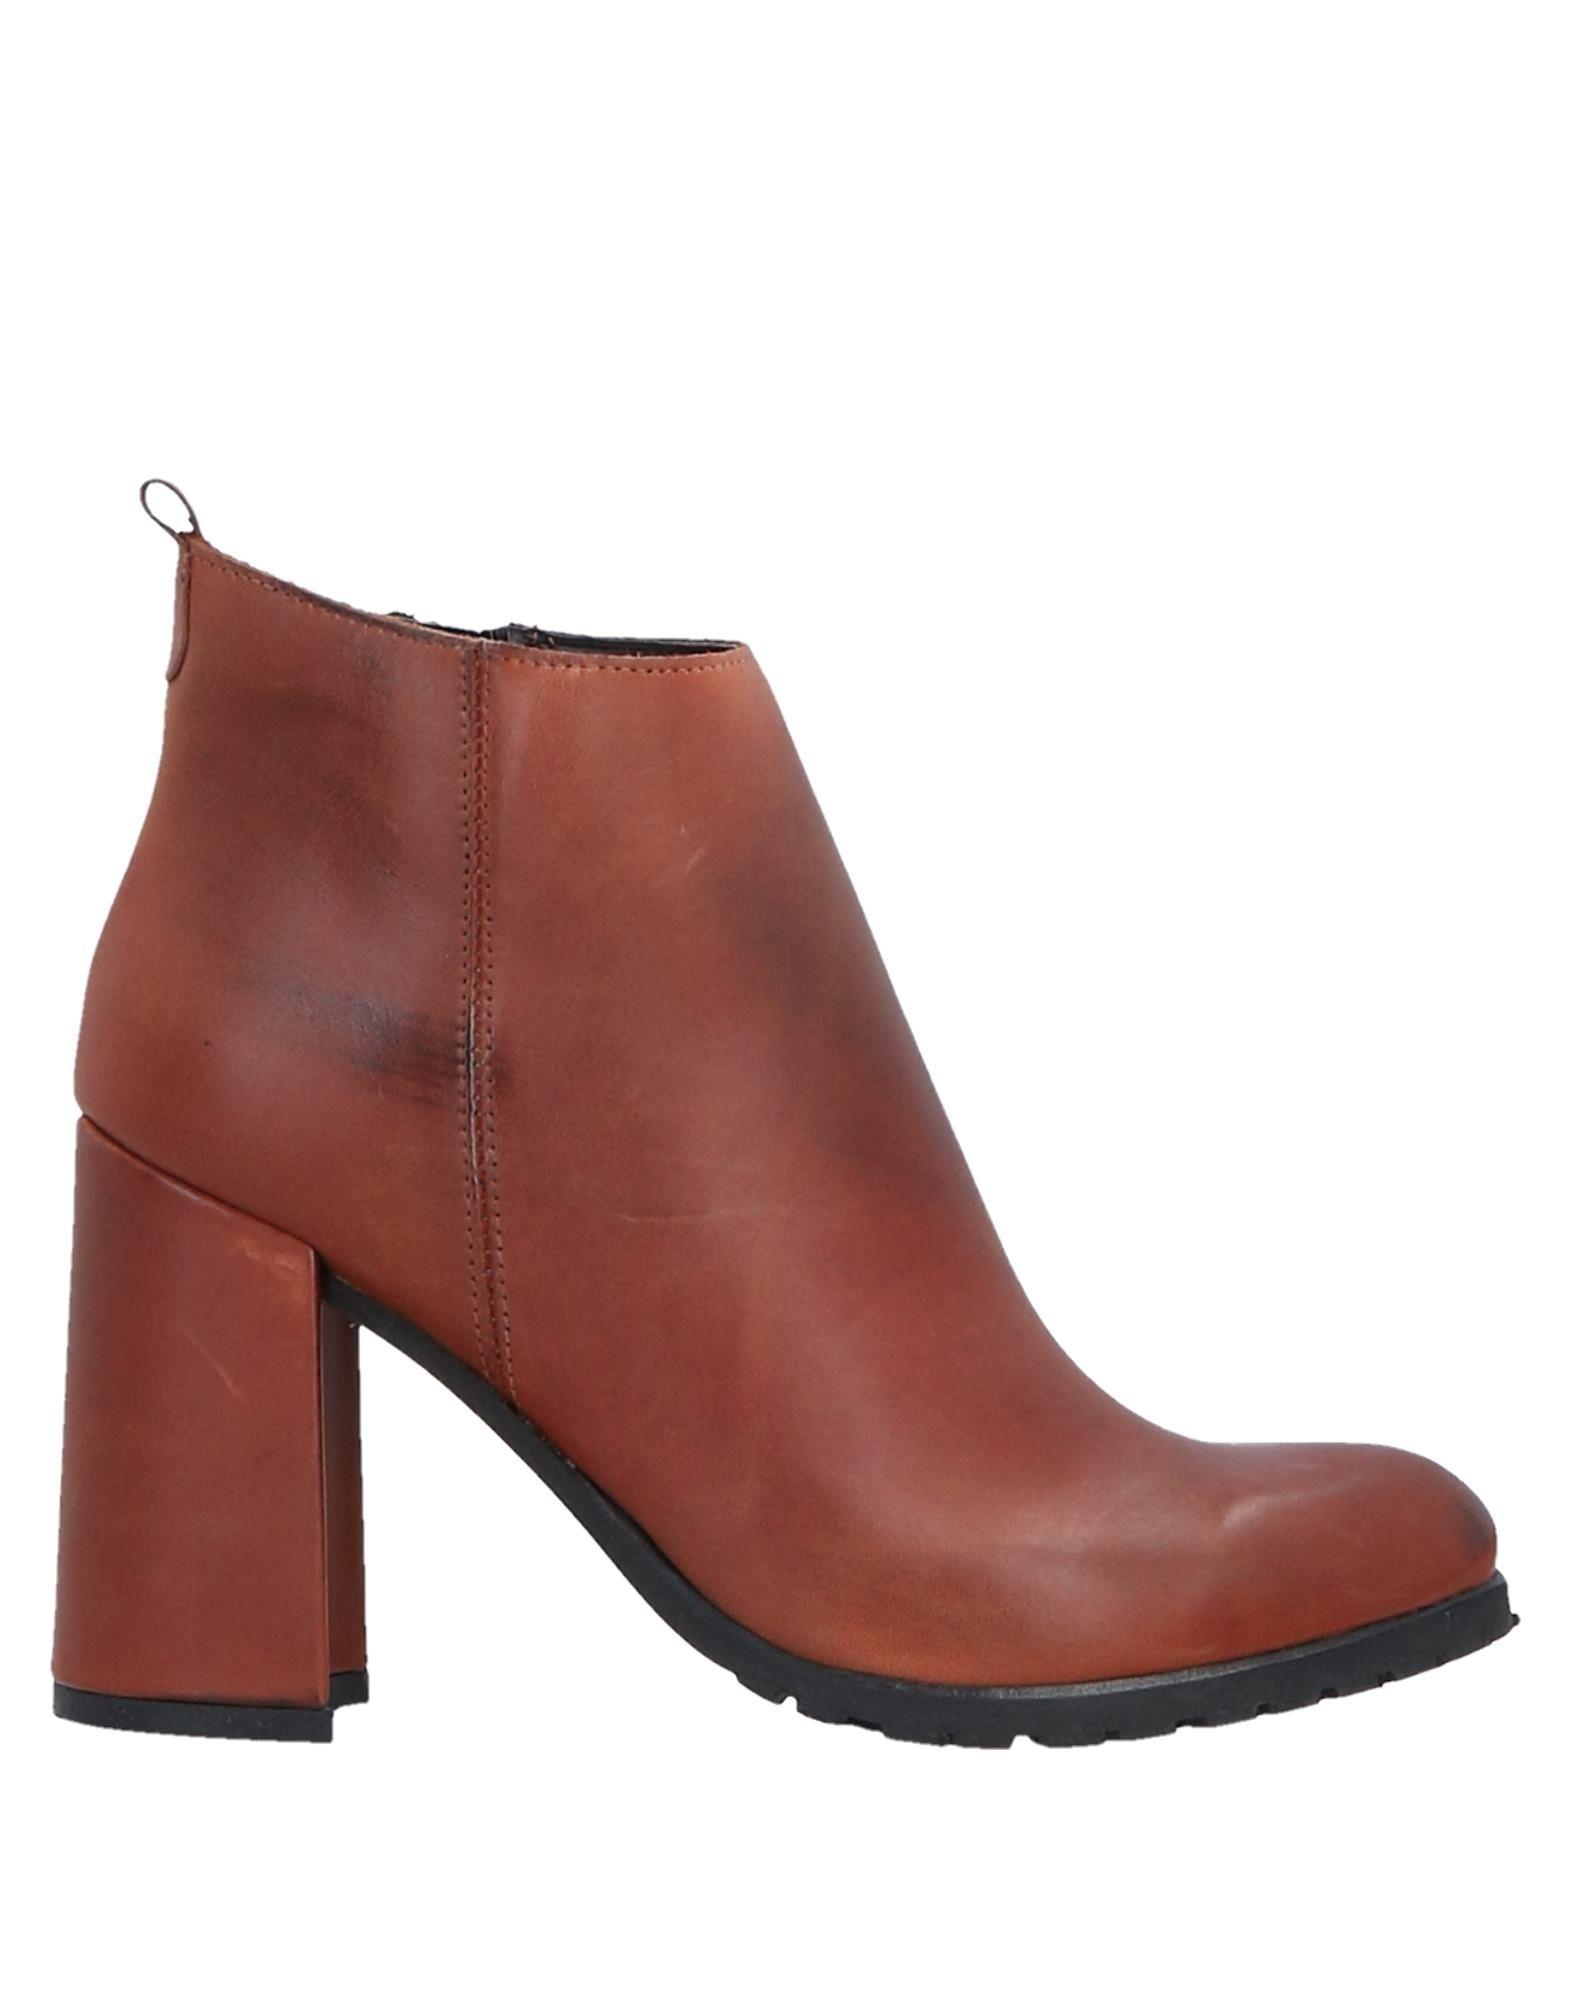 Unlace Stiefelette Damen  11522792WK Gute Qualität beliebte Schuhe